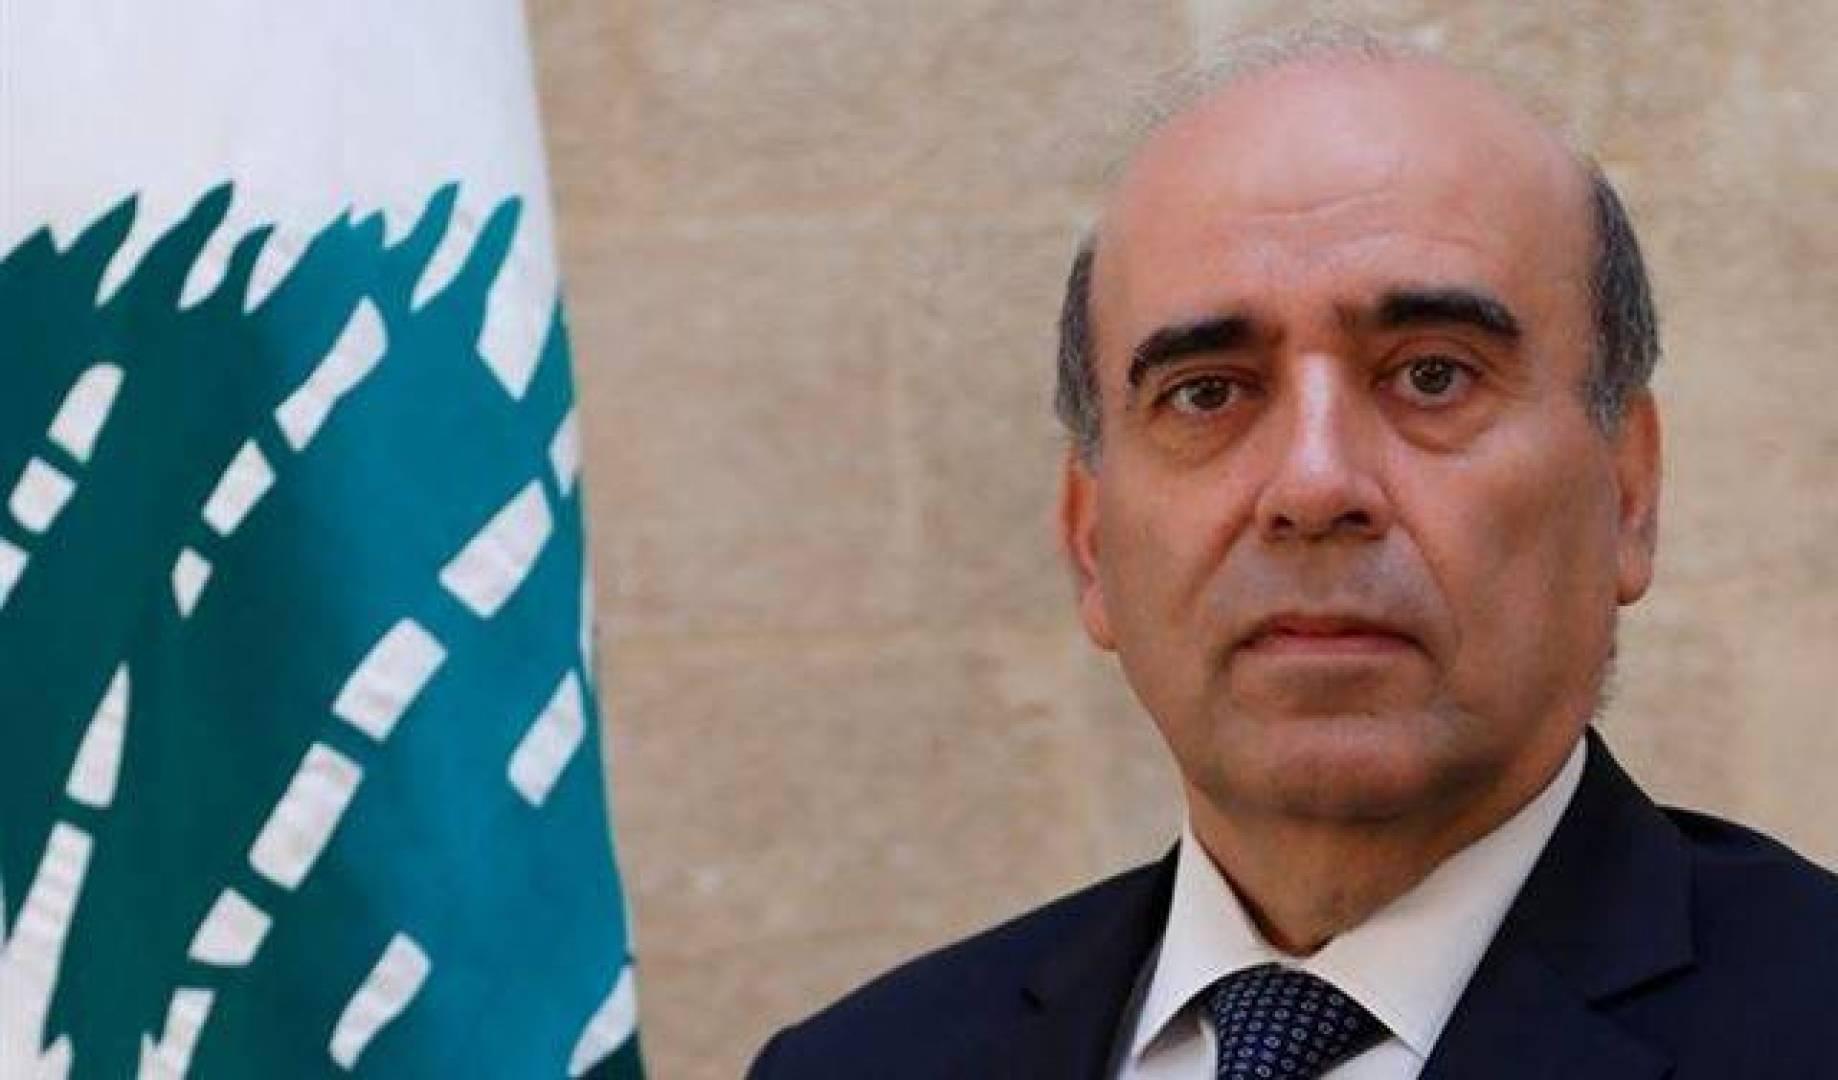 وزير الخارجية اللبناني: جهد الحكومة منصب على حماية المواطنين فى مواجهة الأزمات